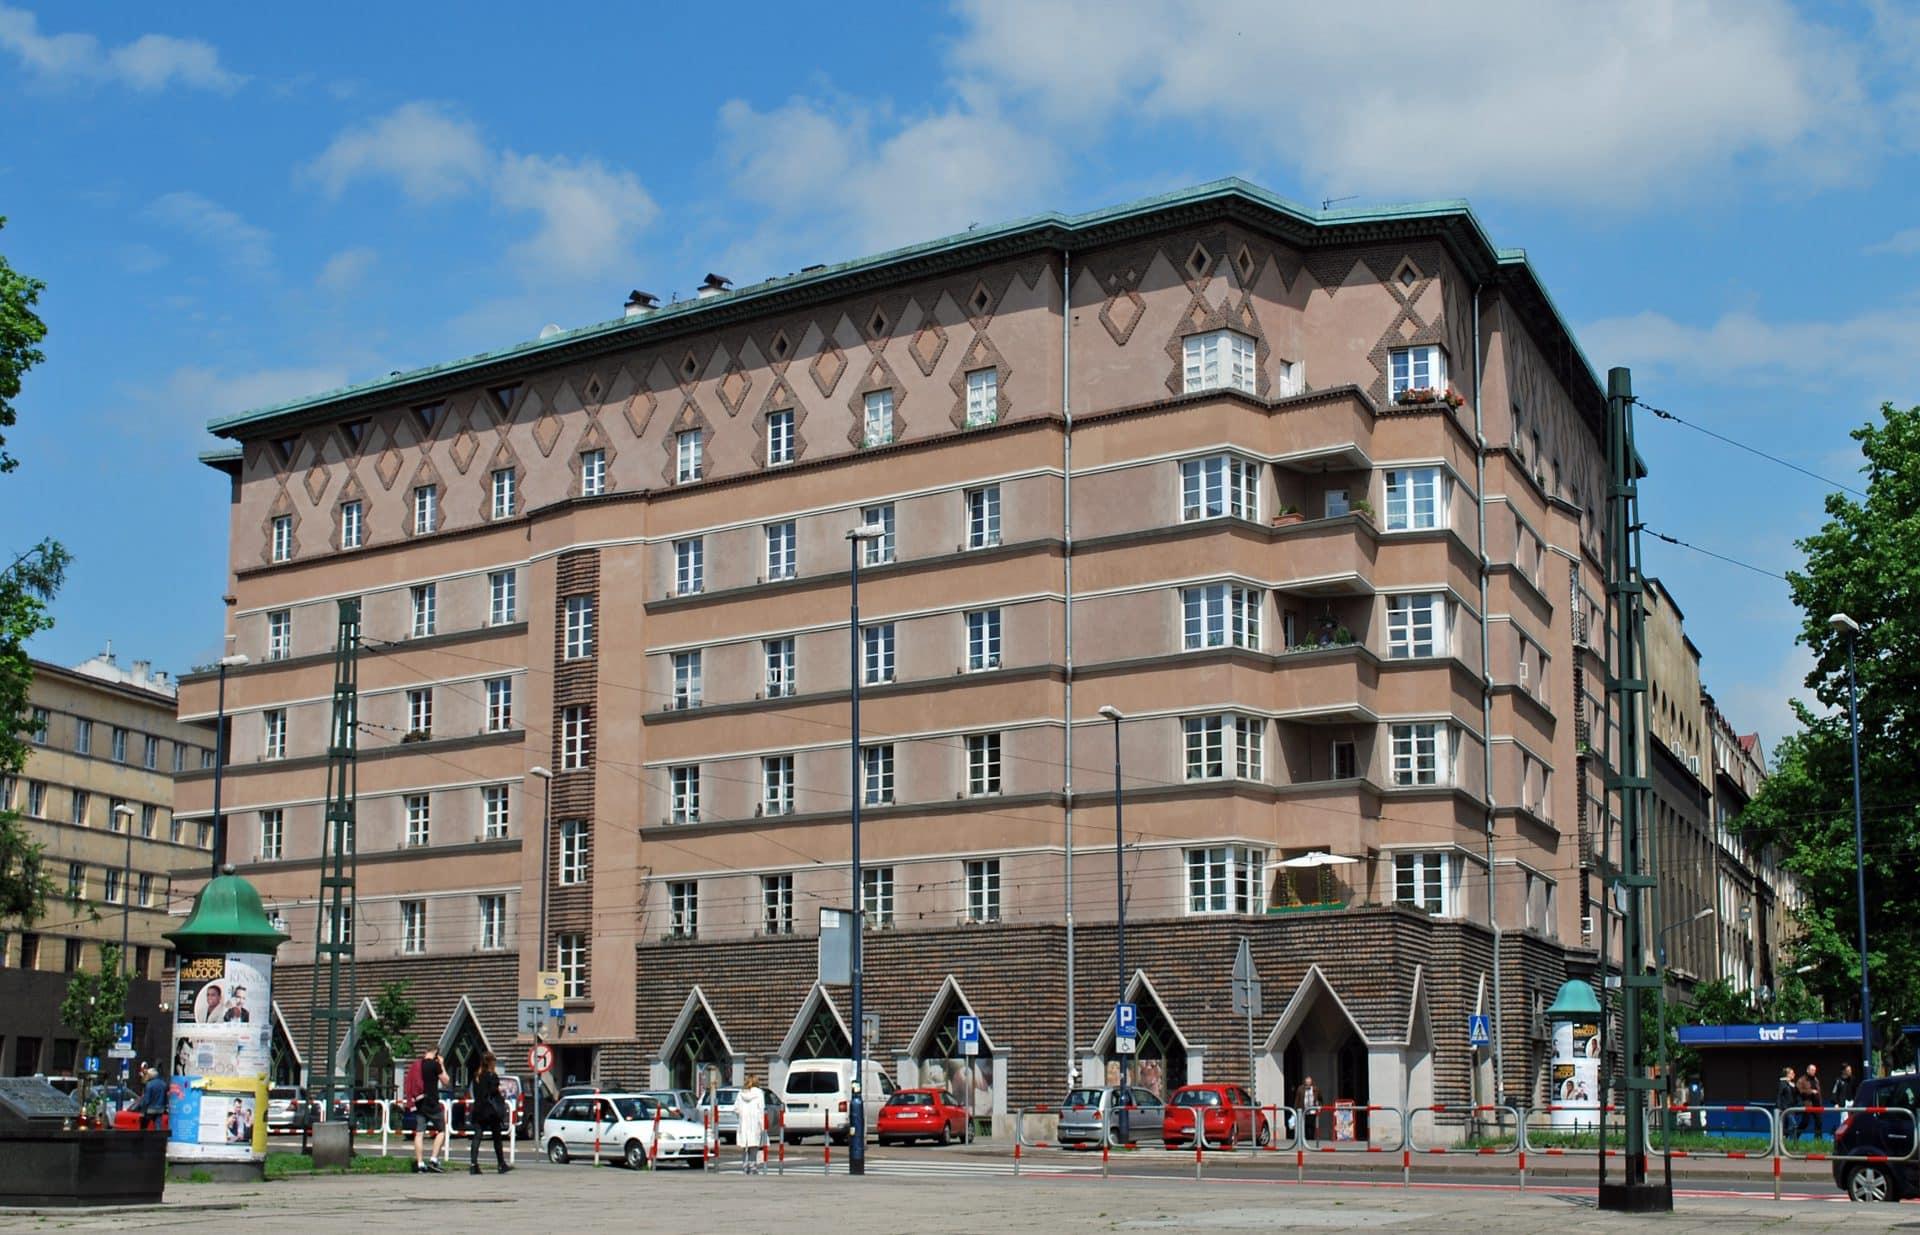 Autorem projektu budynku, który znajduje się pod adresem Plac Inwalidów 6 był Wacław Nowakowski. Fot. Zygmunt Put/Wikimedia.